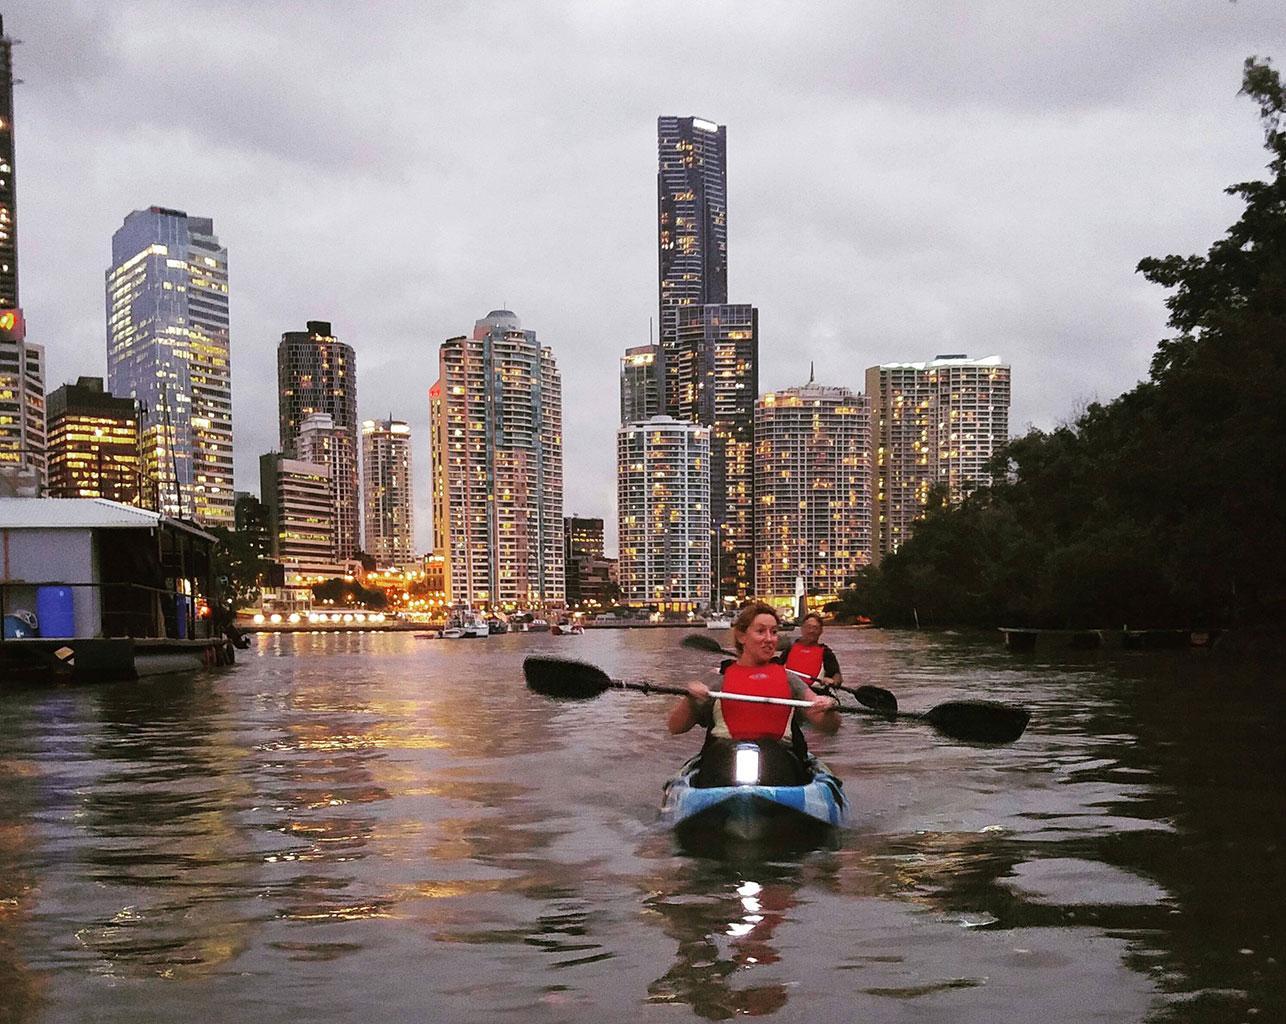 Kayaking in Brisbane - Nighttime